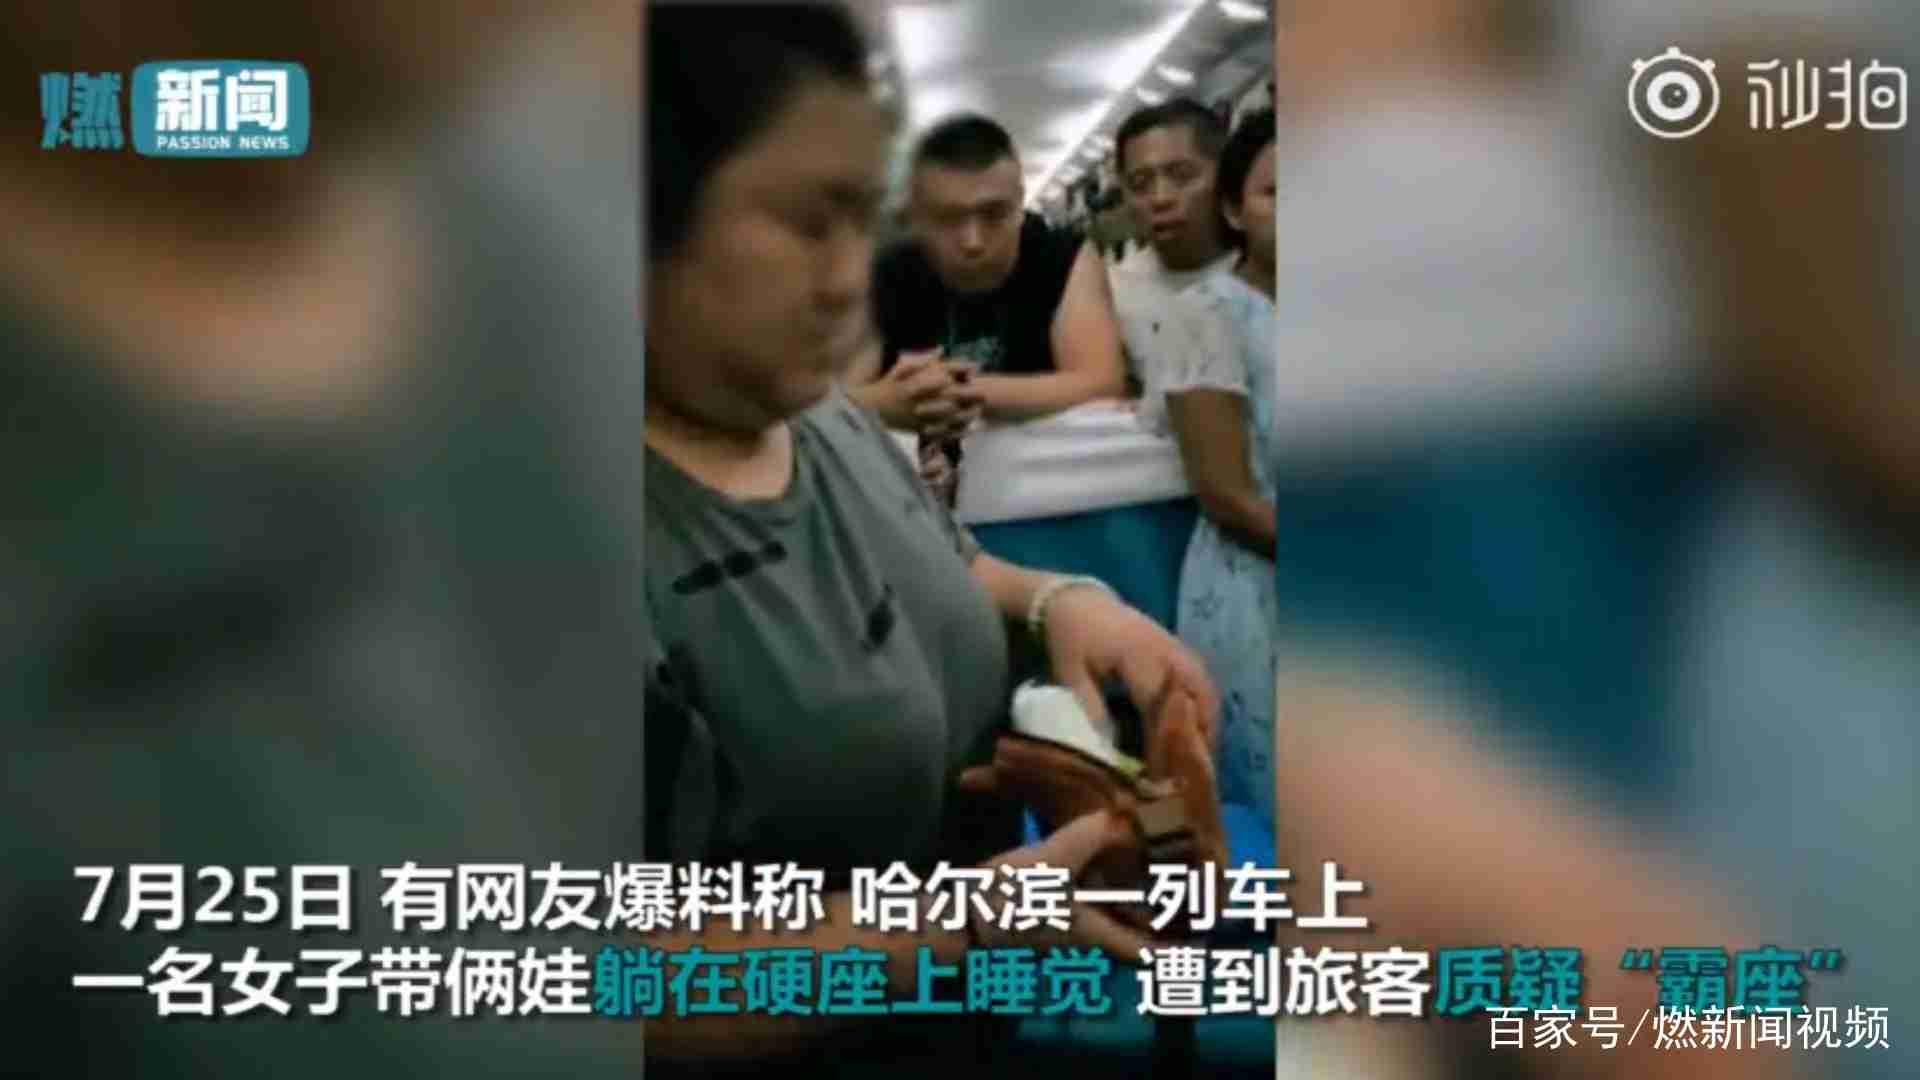 """女乘客一人占6座给娃睡觉 乘客质疑""""霸座"""" 她甩手亮出6张车票"""